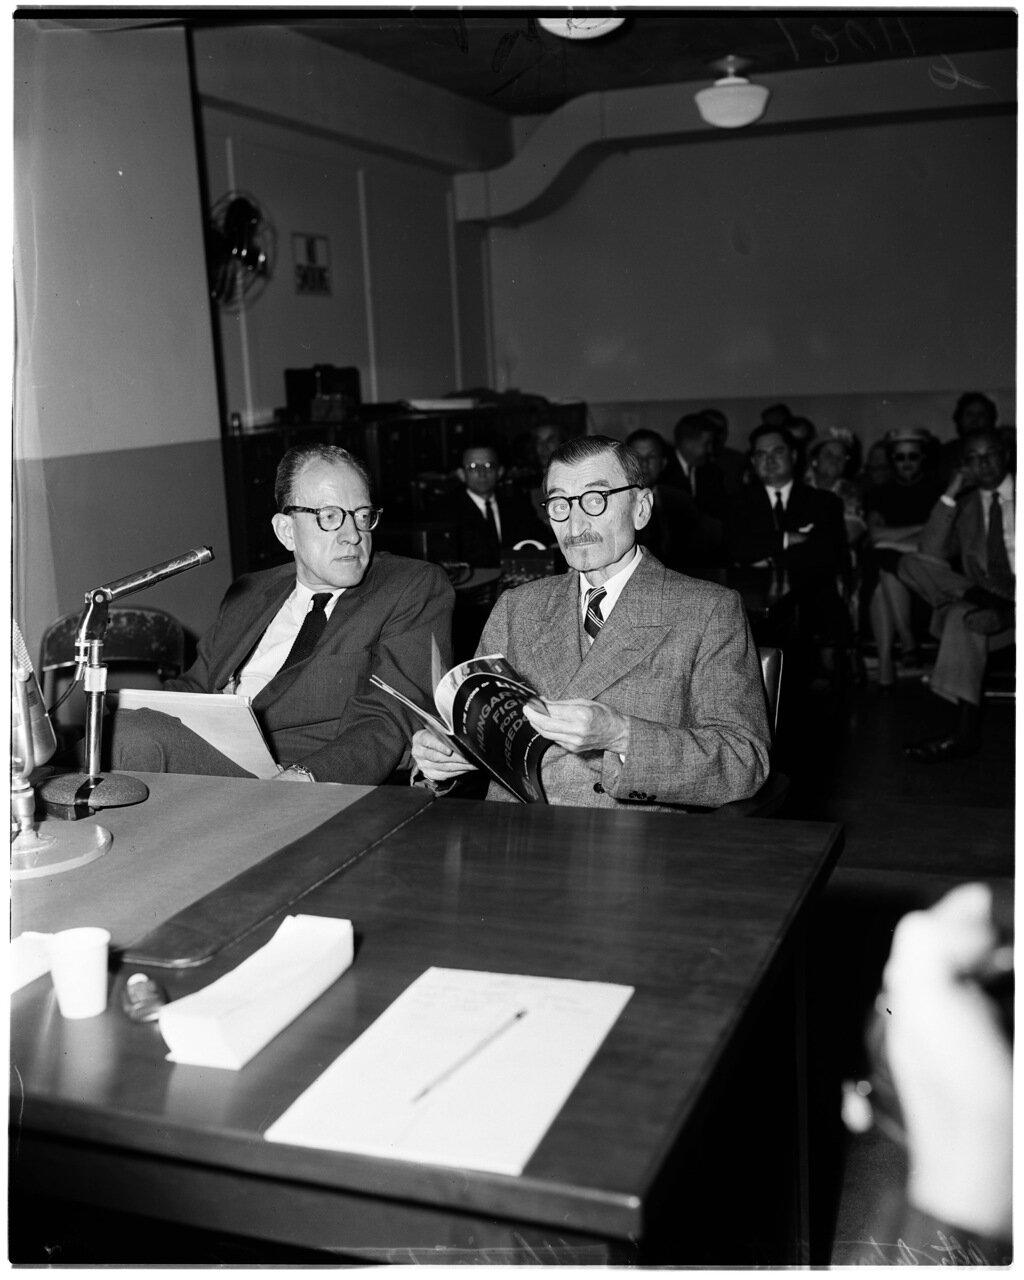 1956. 6 декабря. Комиссия по расследованию антиамериканской деятельности. Адвокат Портер и Джон Ухрин с книгой о преступлениях коммунистов при подавлении Венгерского восстания